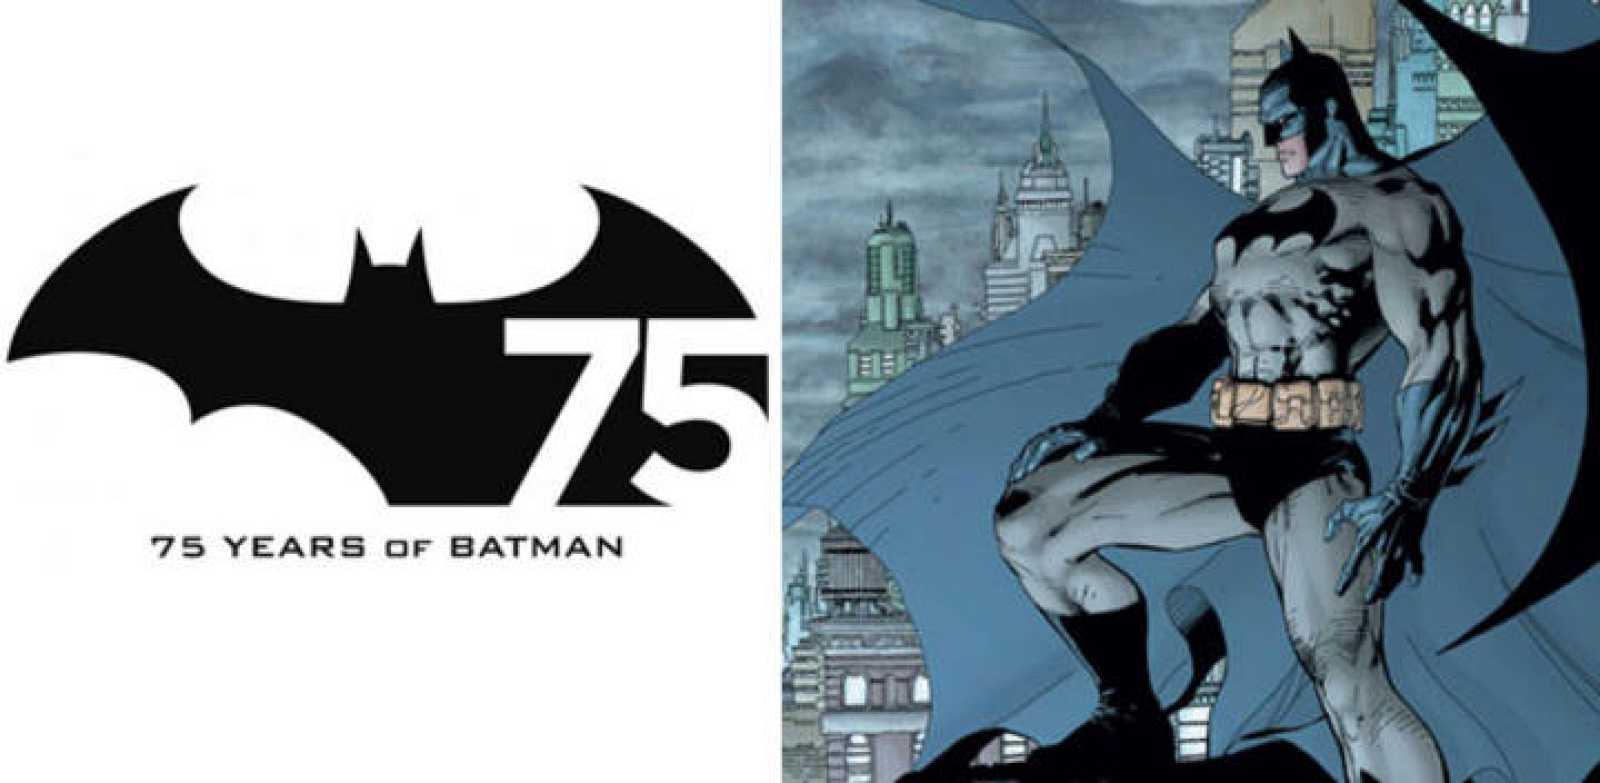 El logotipo del 75 aniversario de Batman y el personaje visto por Jim Lee